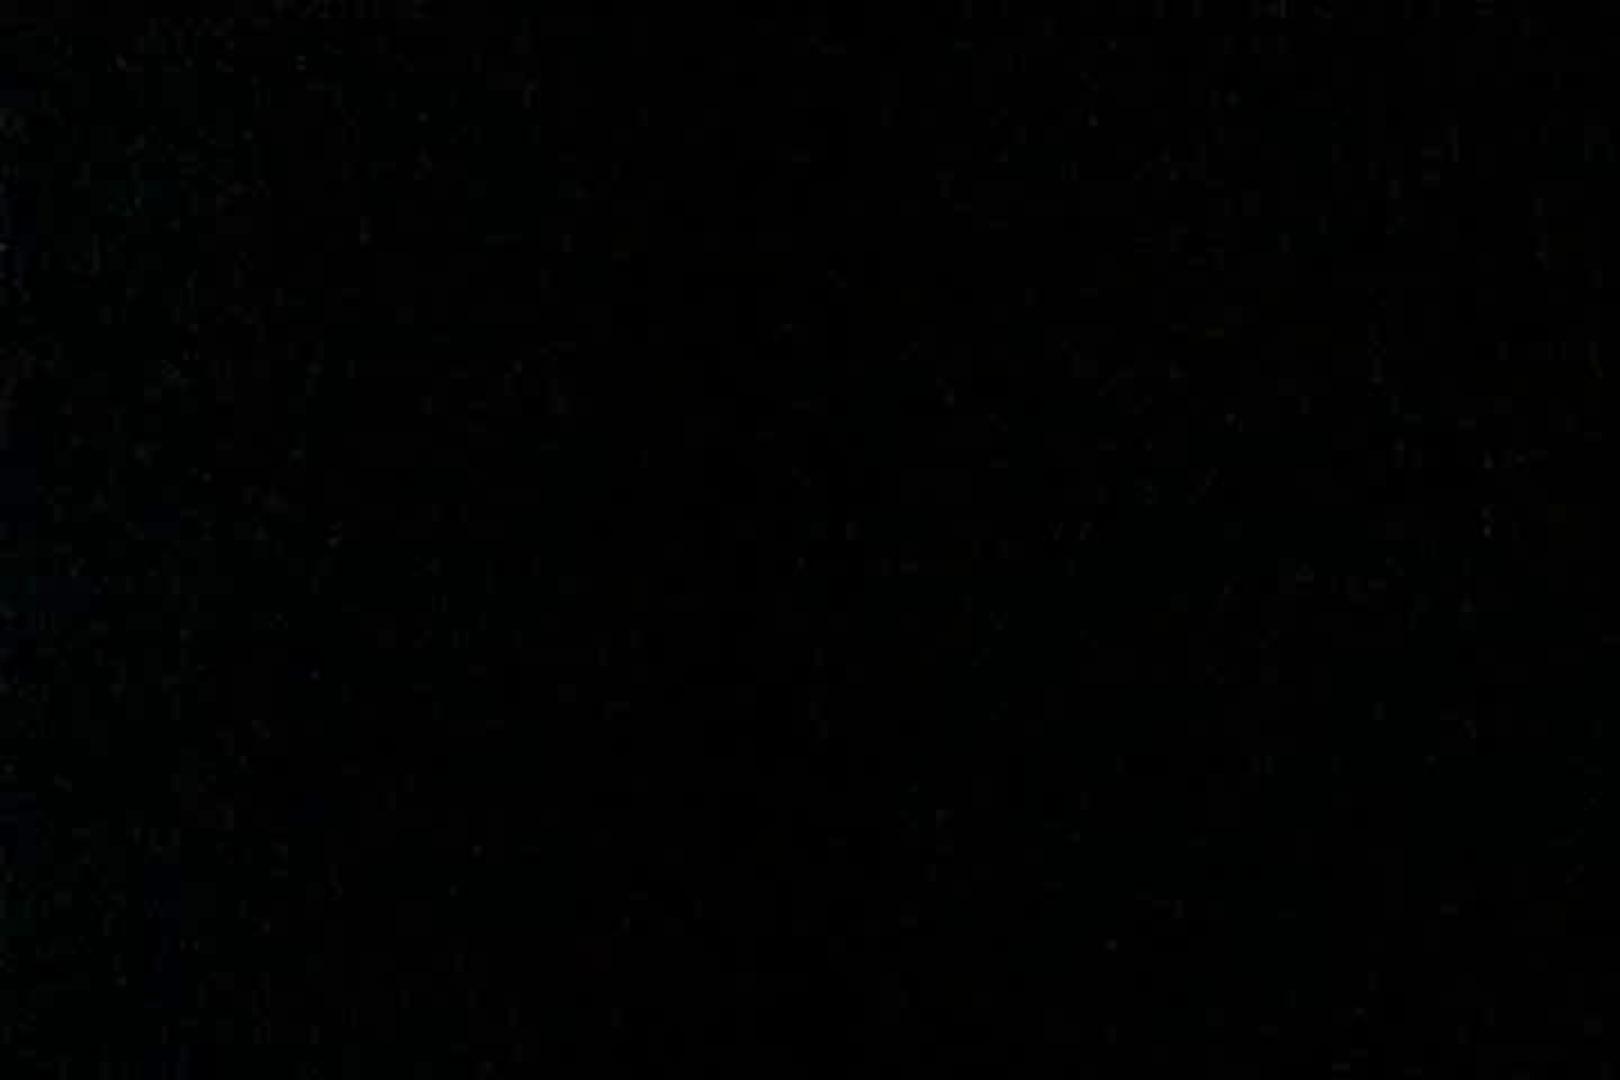 「充血監督」さんの深夜の運動会!! vol.137 クンニ エロ画像 87pic 11